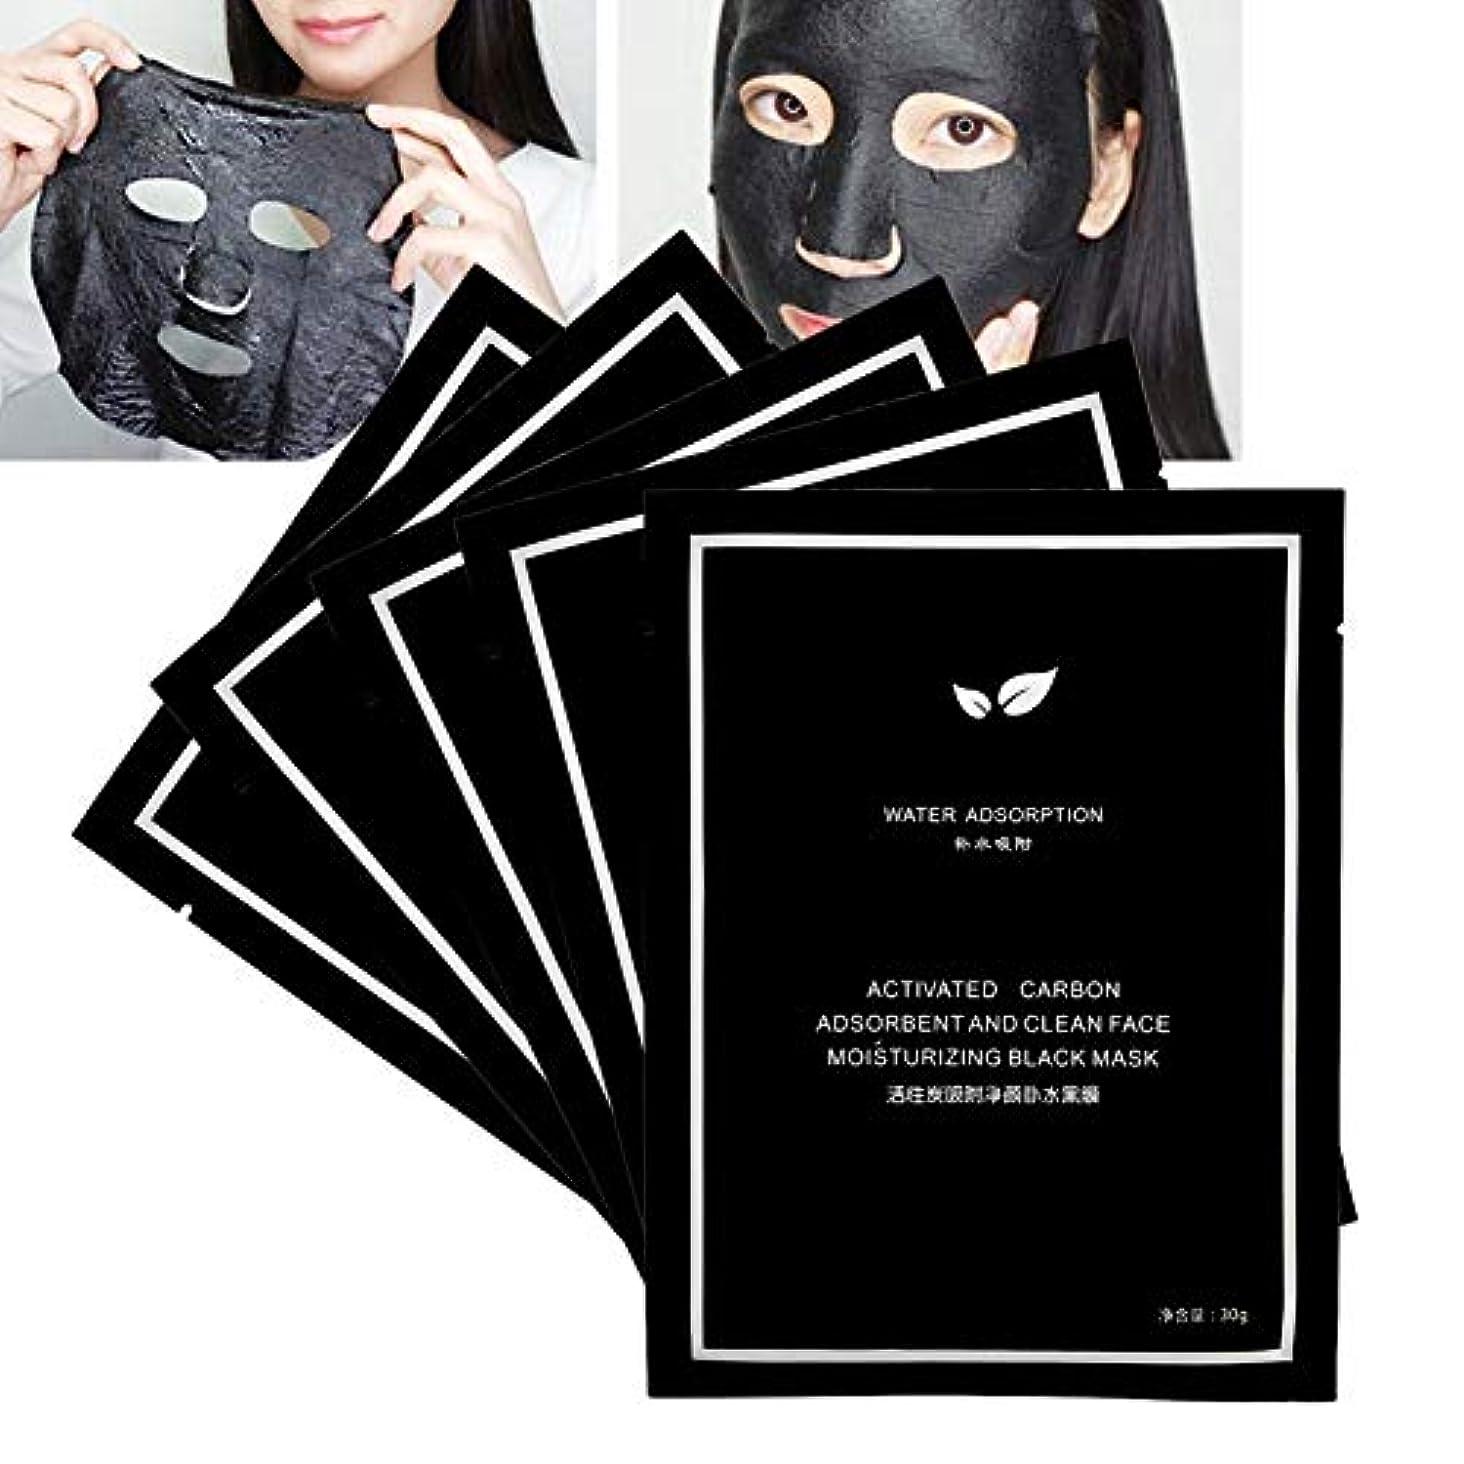 食品更新する市場5枚セット 活性炭マスク 保湿 フェイスブラックマスク オイルコントロールブラックヘッドの除去汚れ除去スキンケア